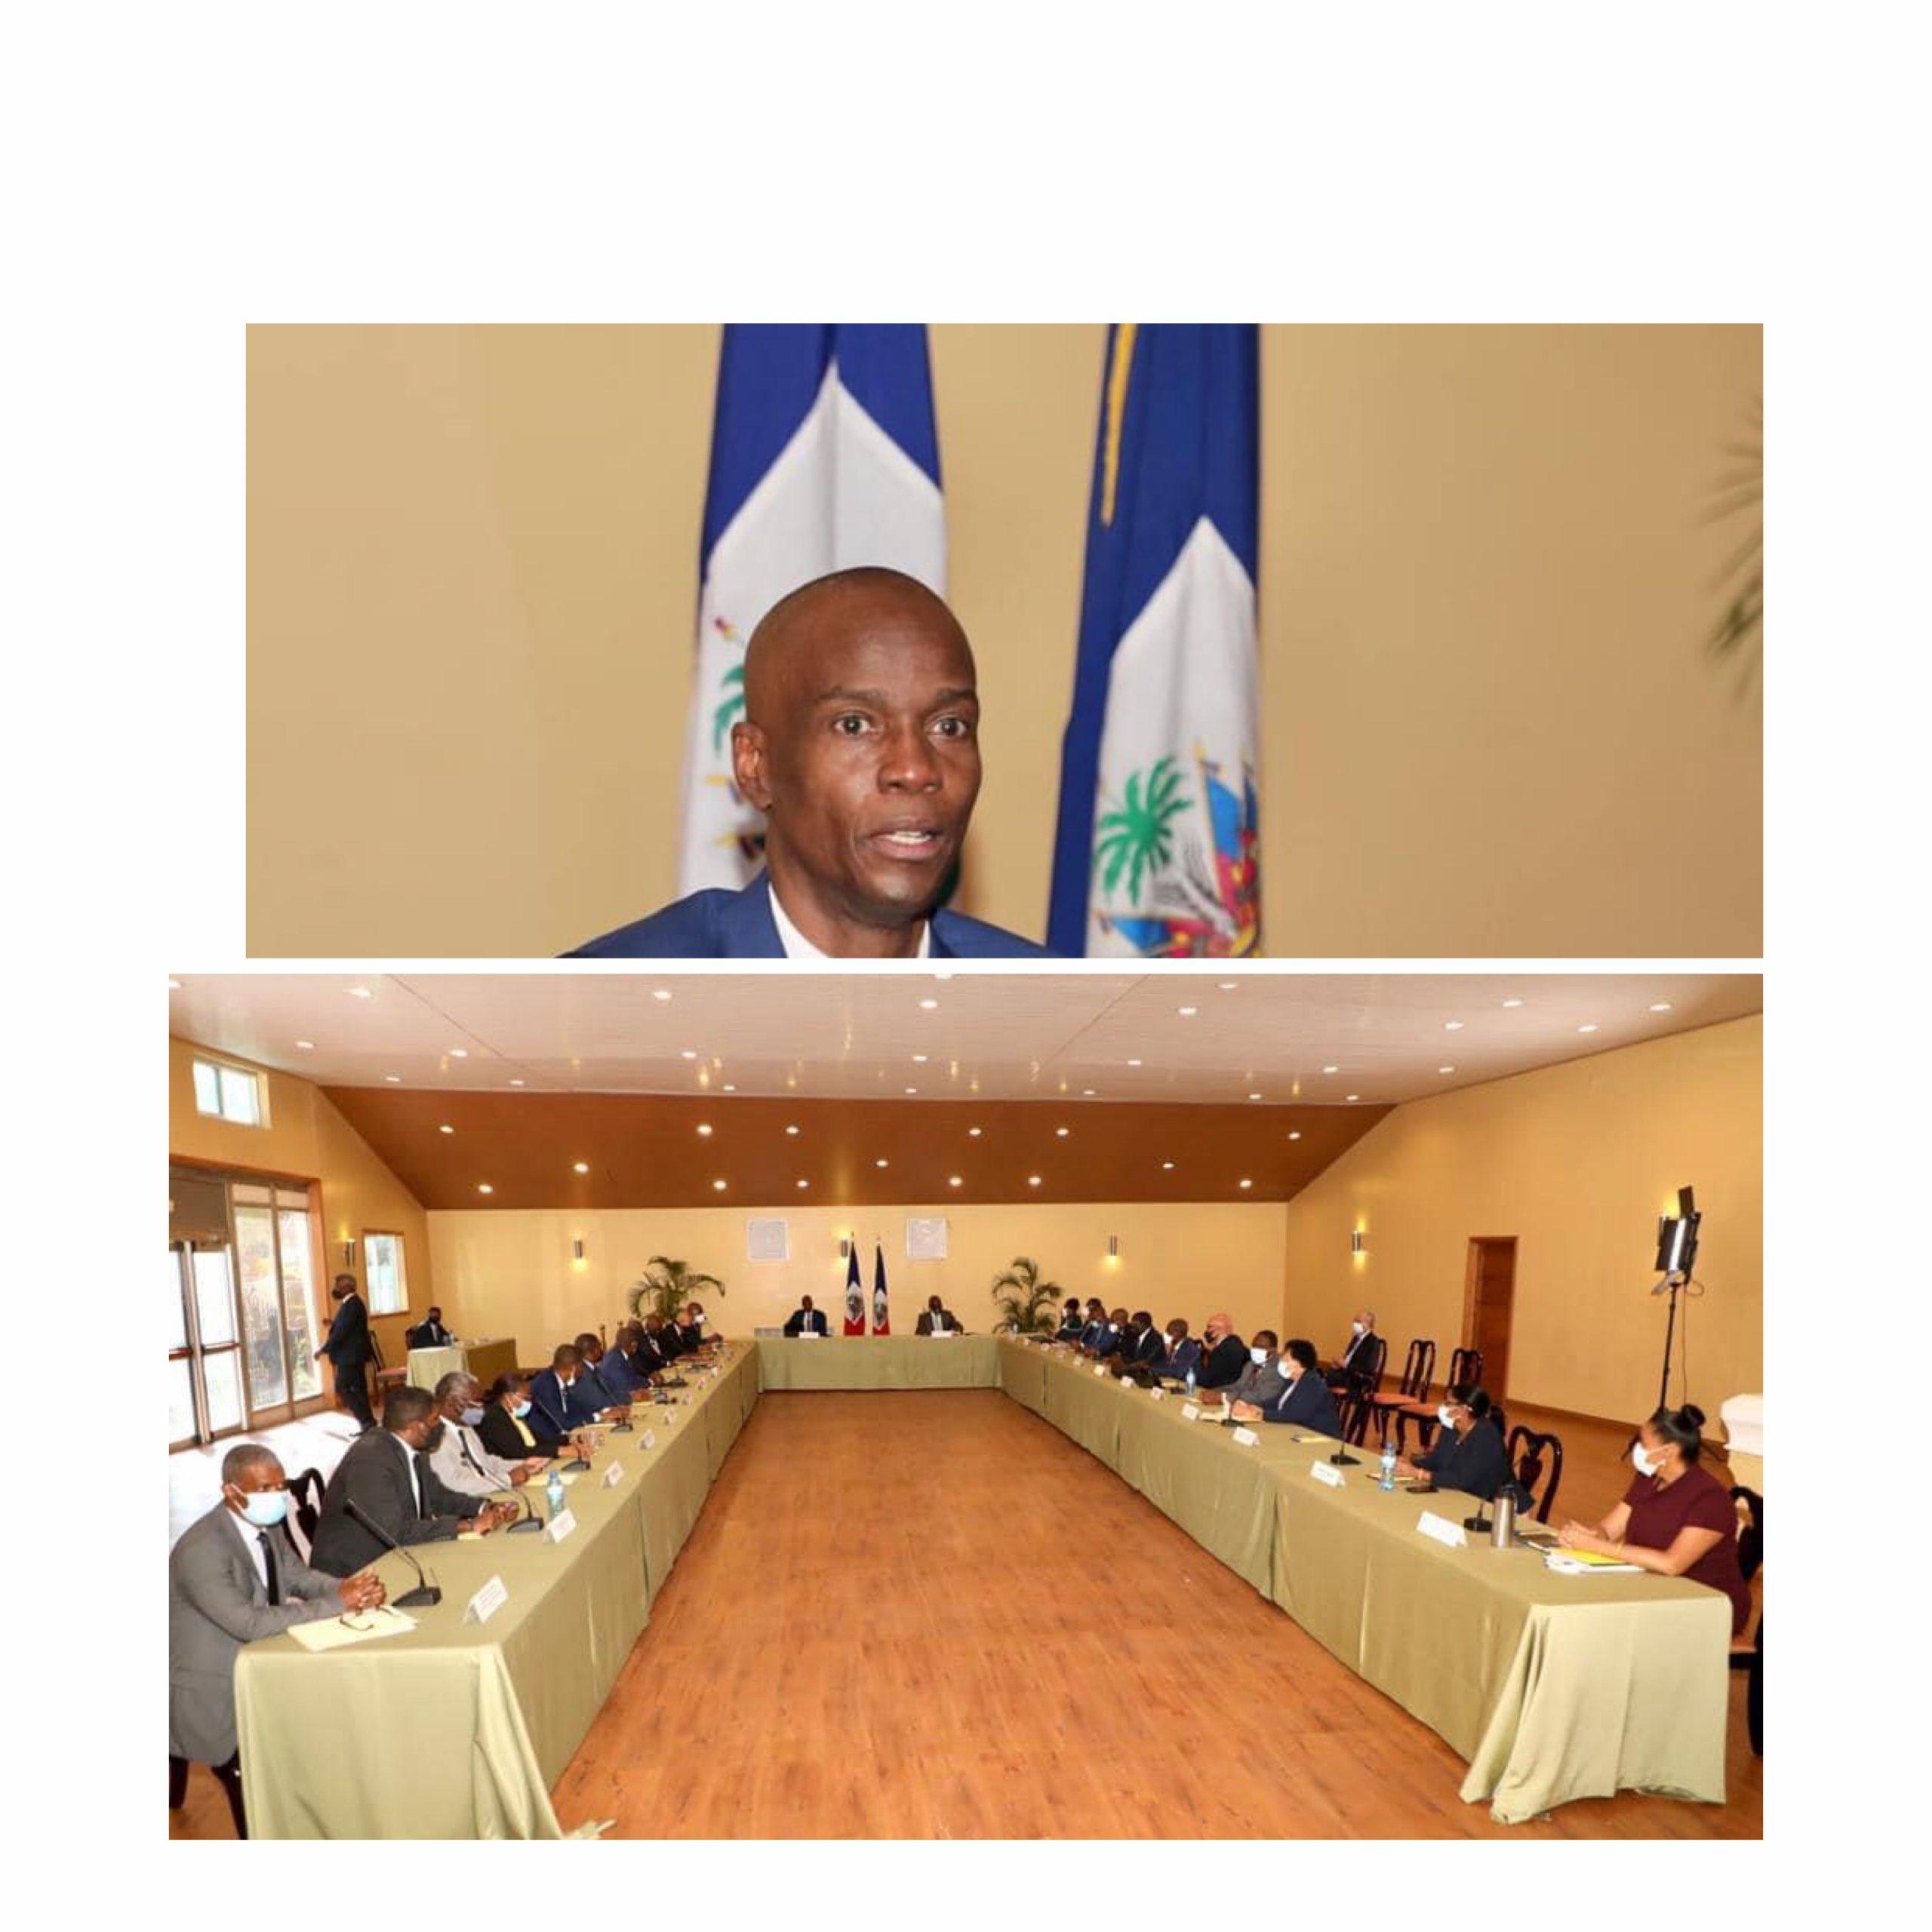 Conseil des ministres : Jovenel Moïse discute de sécurité de la population, du référendum et des élections